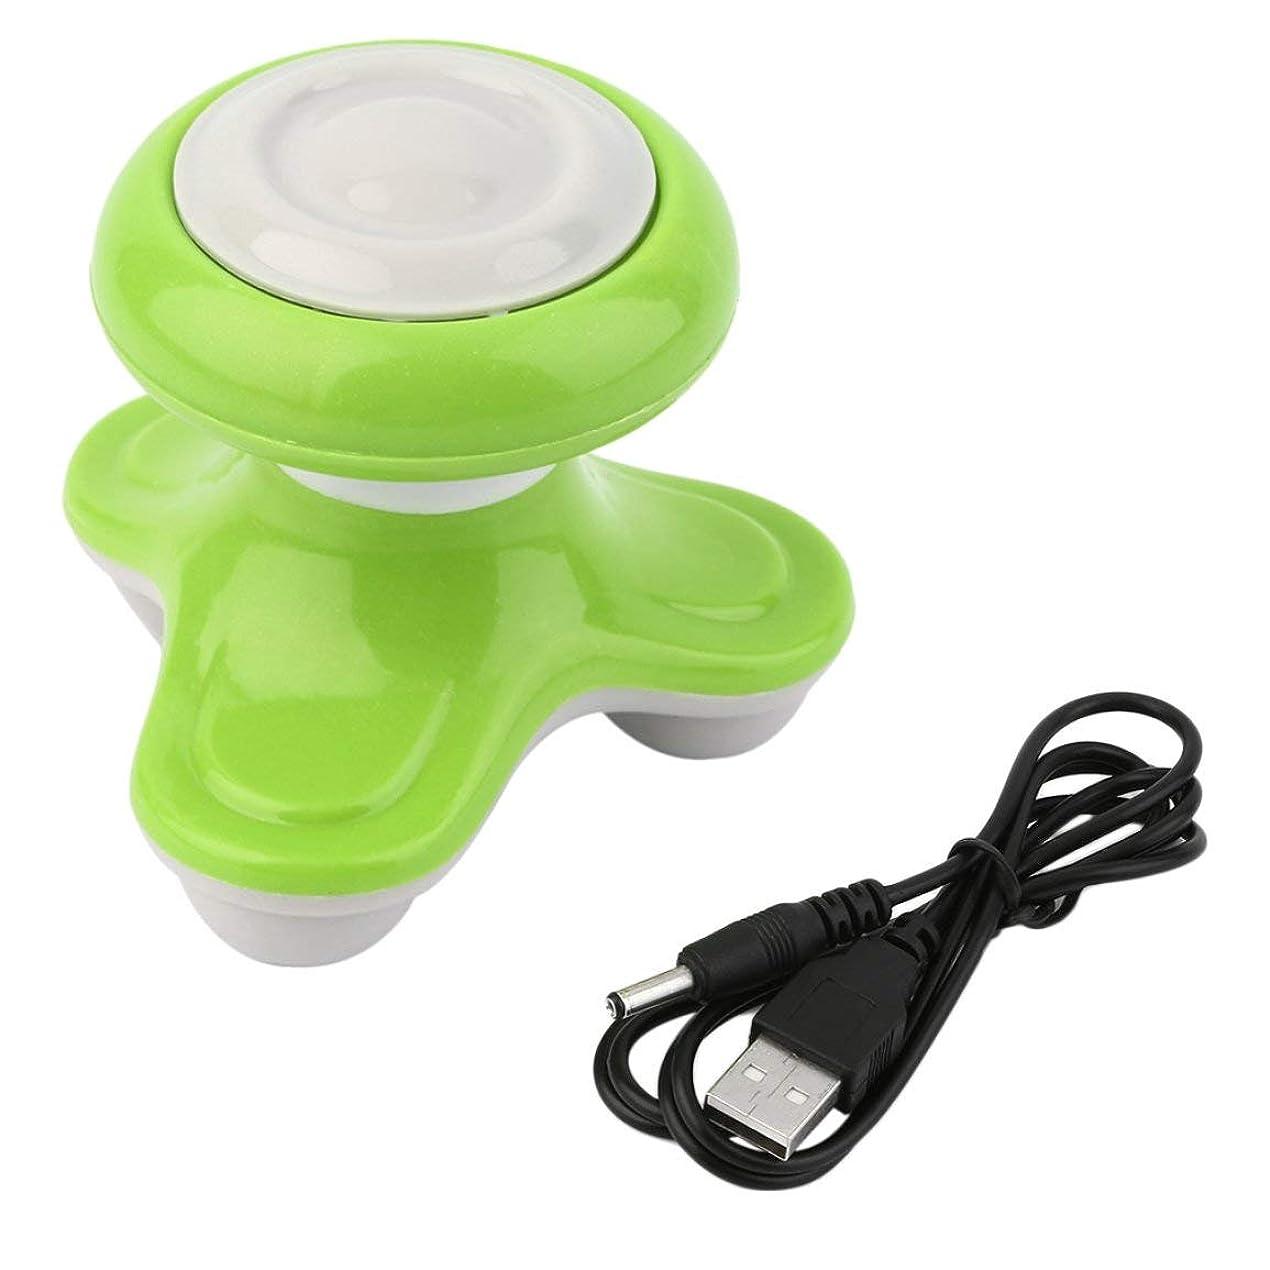 ありふれた寸法鮫ミニ電動ハンドル波振動マッサージ器USBバッテリーフルボディマッサージ持ち運びに便利な超小型軽量-グリーン